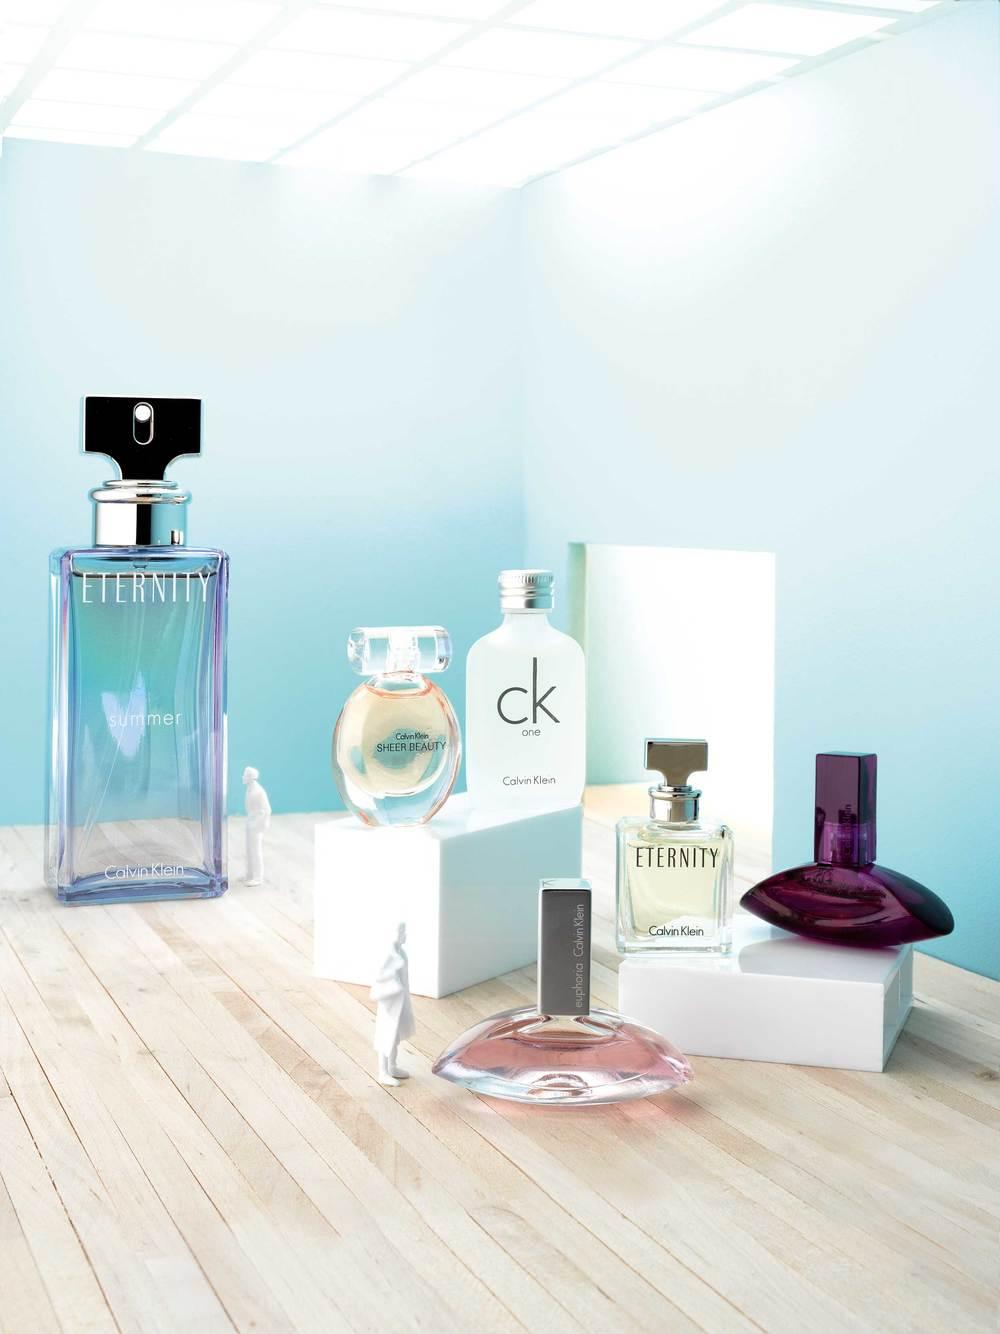 Tamara-Elphick-Miniatue-Calvin-Klein-Perfume